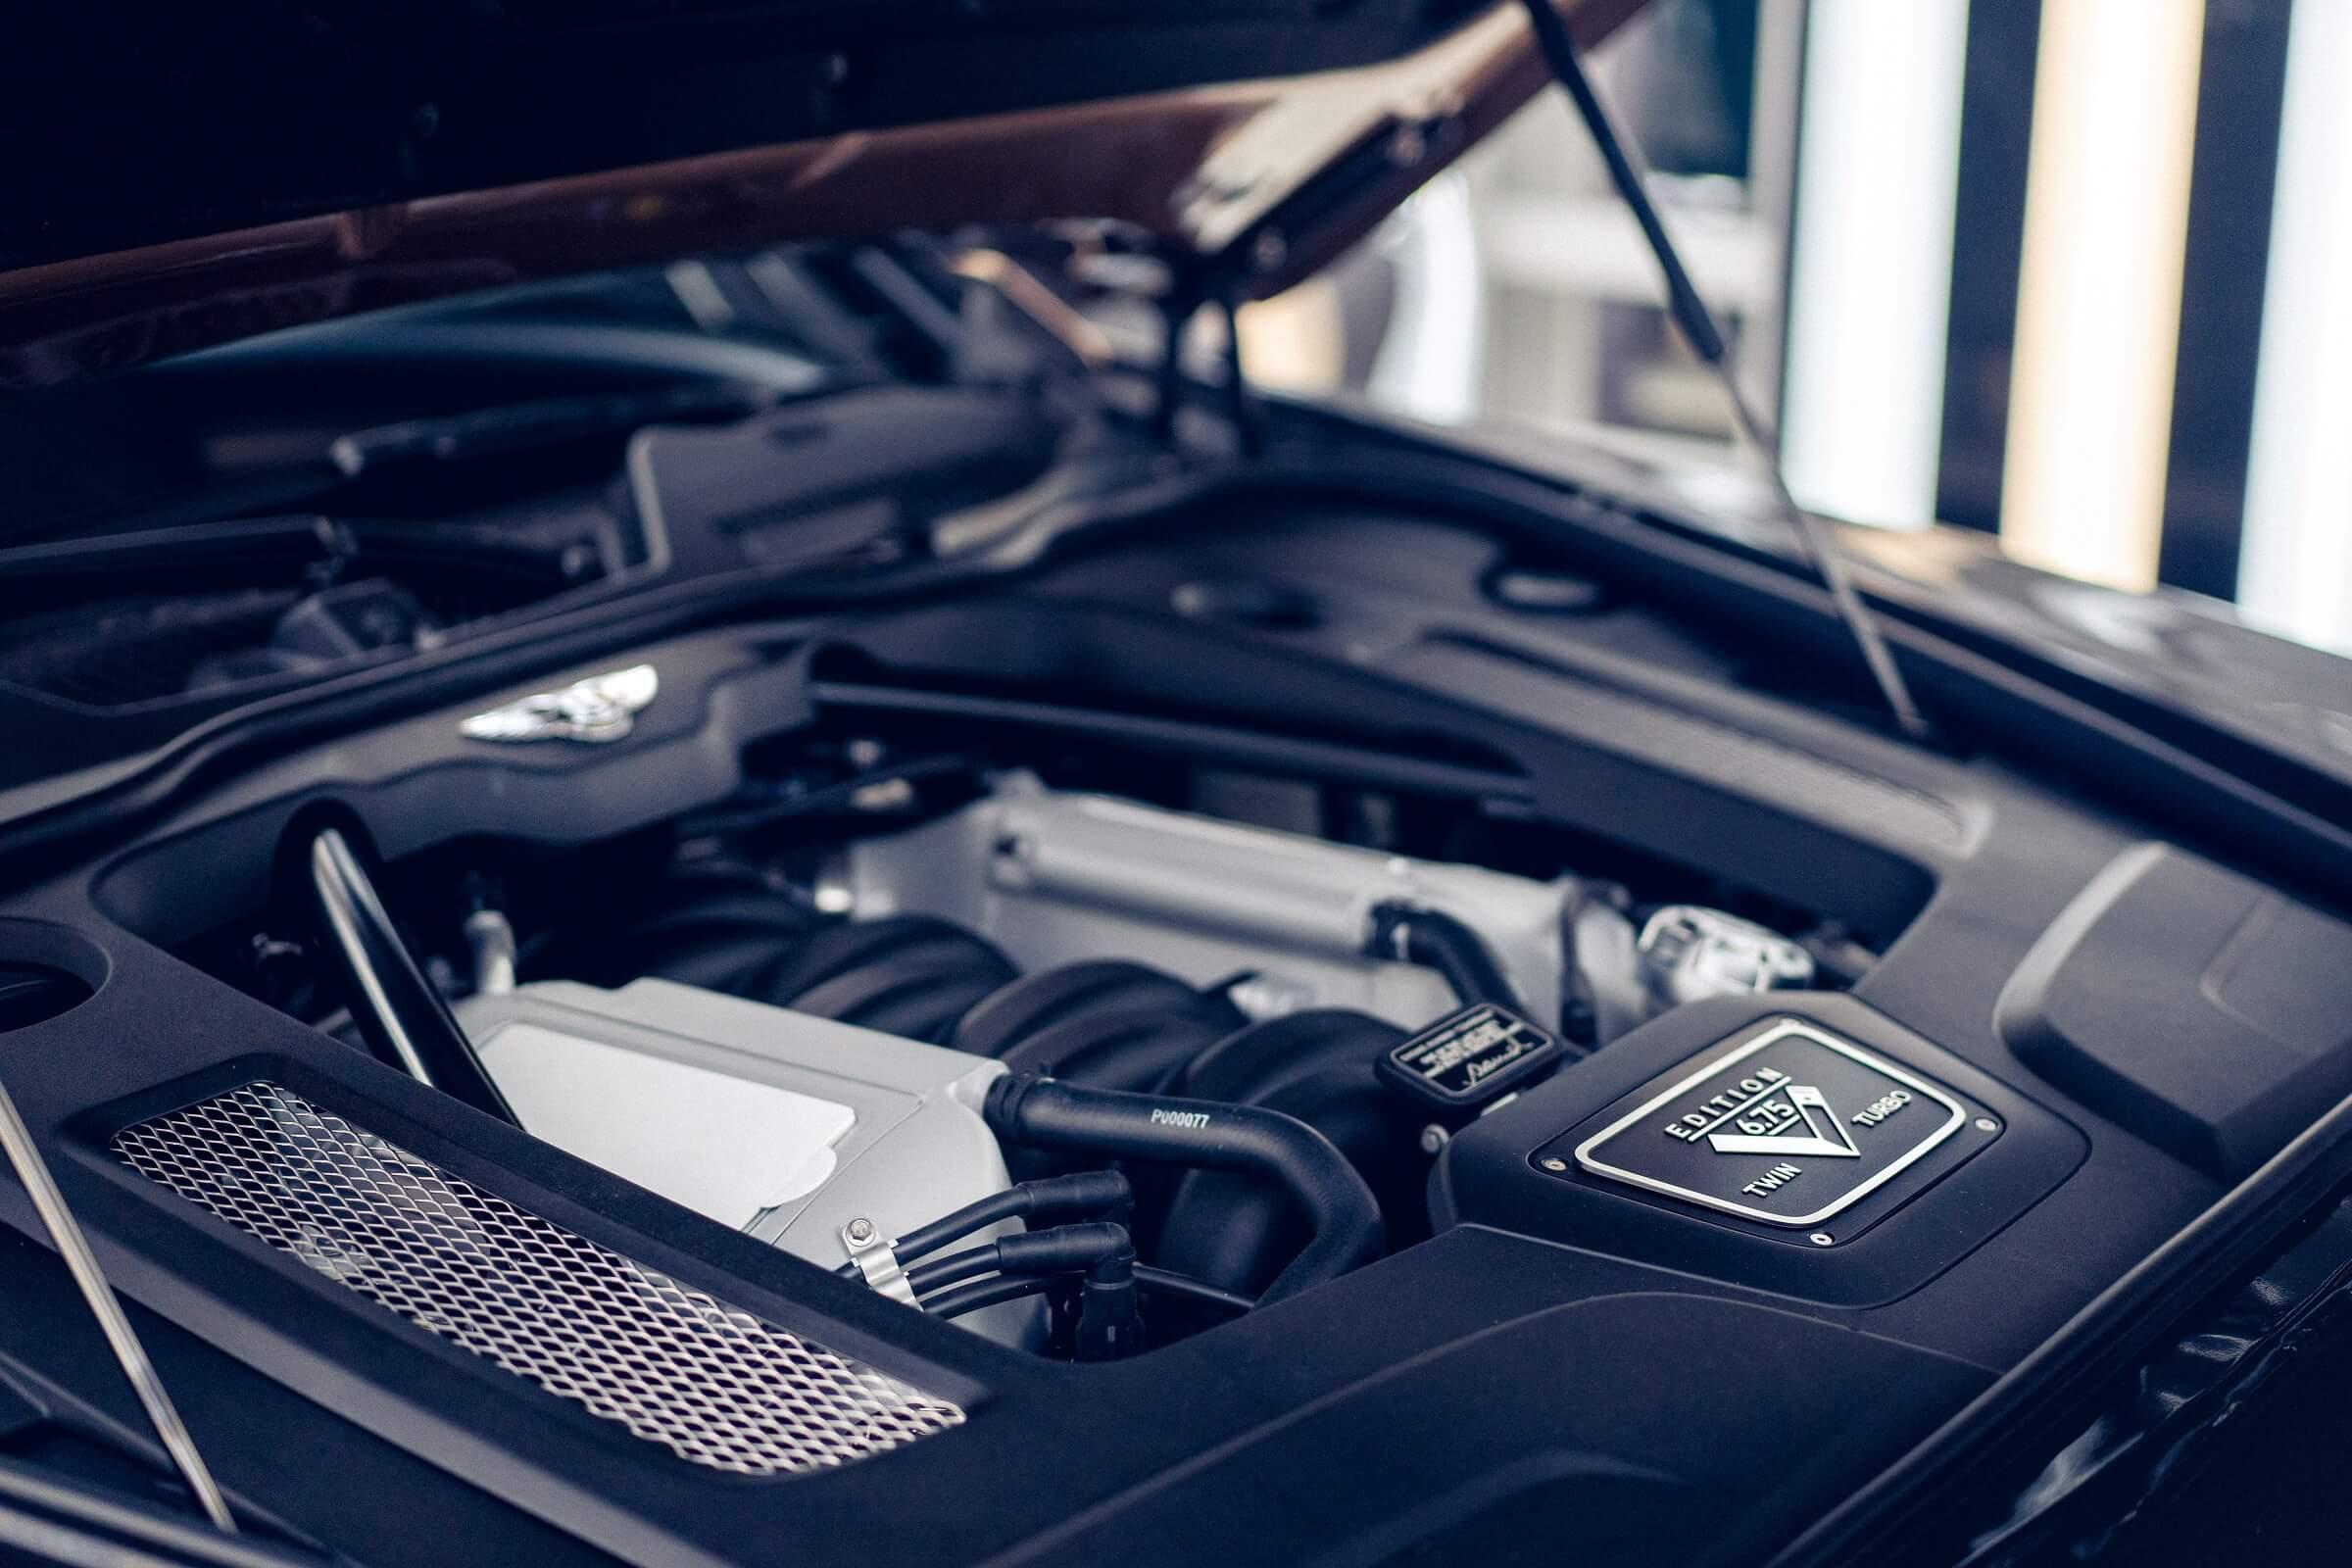 Bentley Mulsanne - Λεπτομέρεια κινητήρα με τον σειριακό αριθμό παραδοσιακά υπογεγραμμένο από τον τεχνίτη που τον δημιούργησε